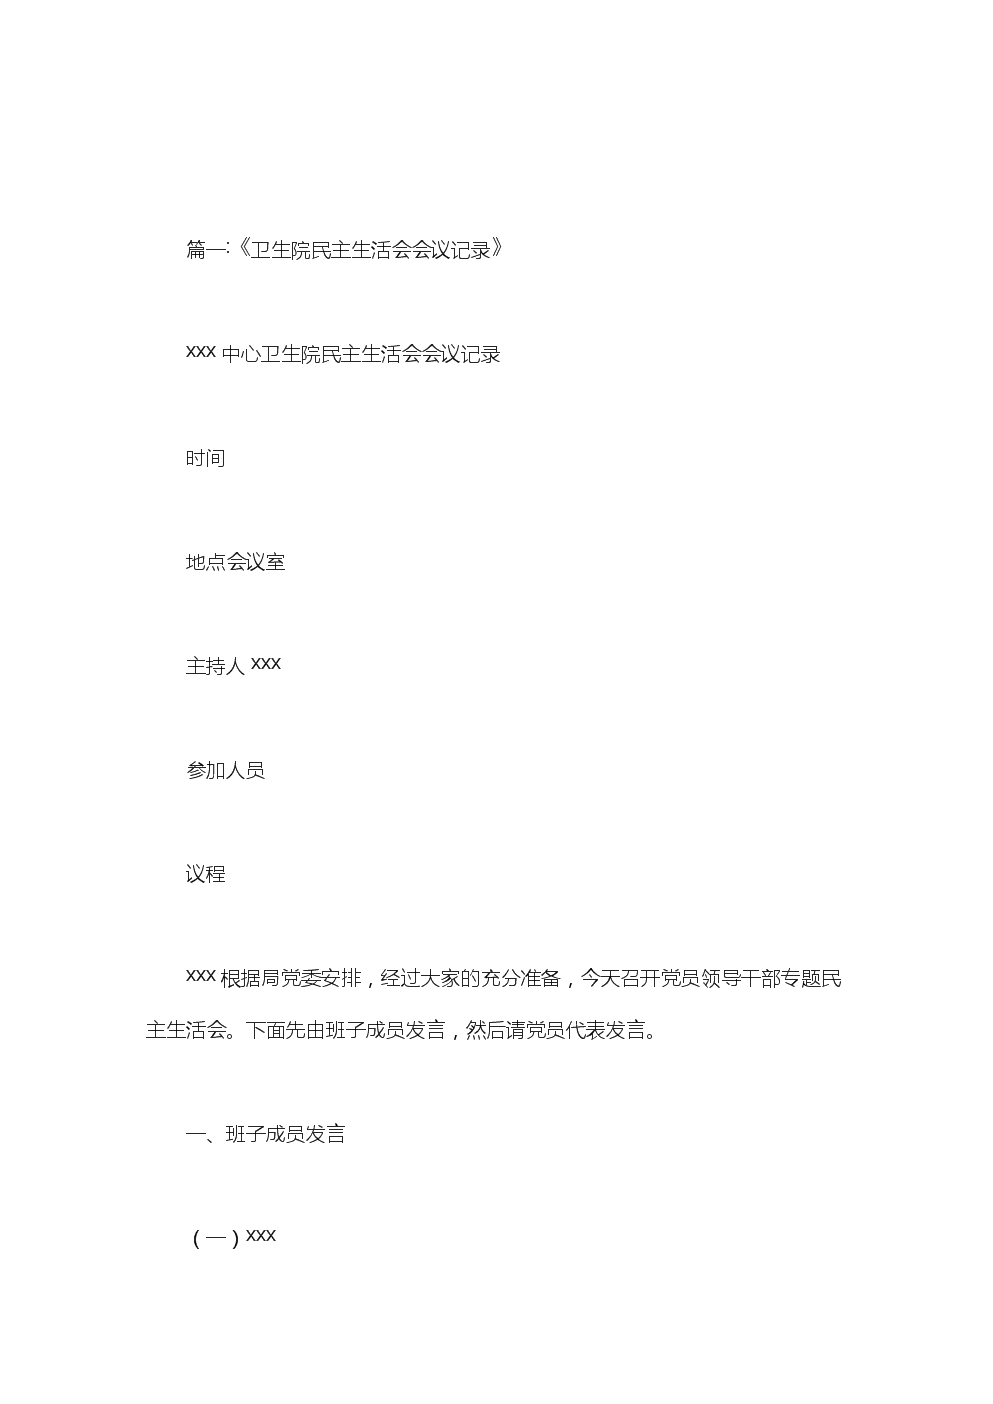 卫生院会议纪要范文.doc